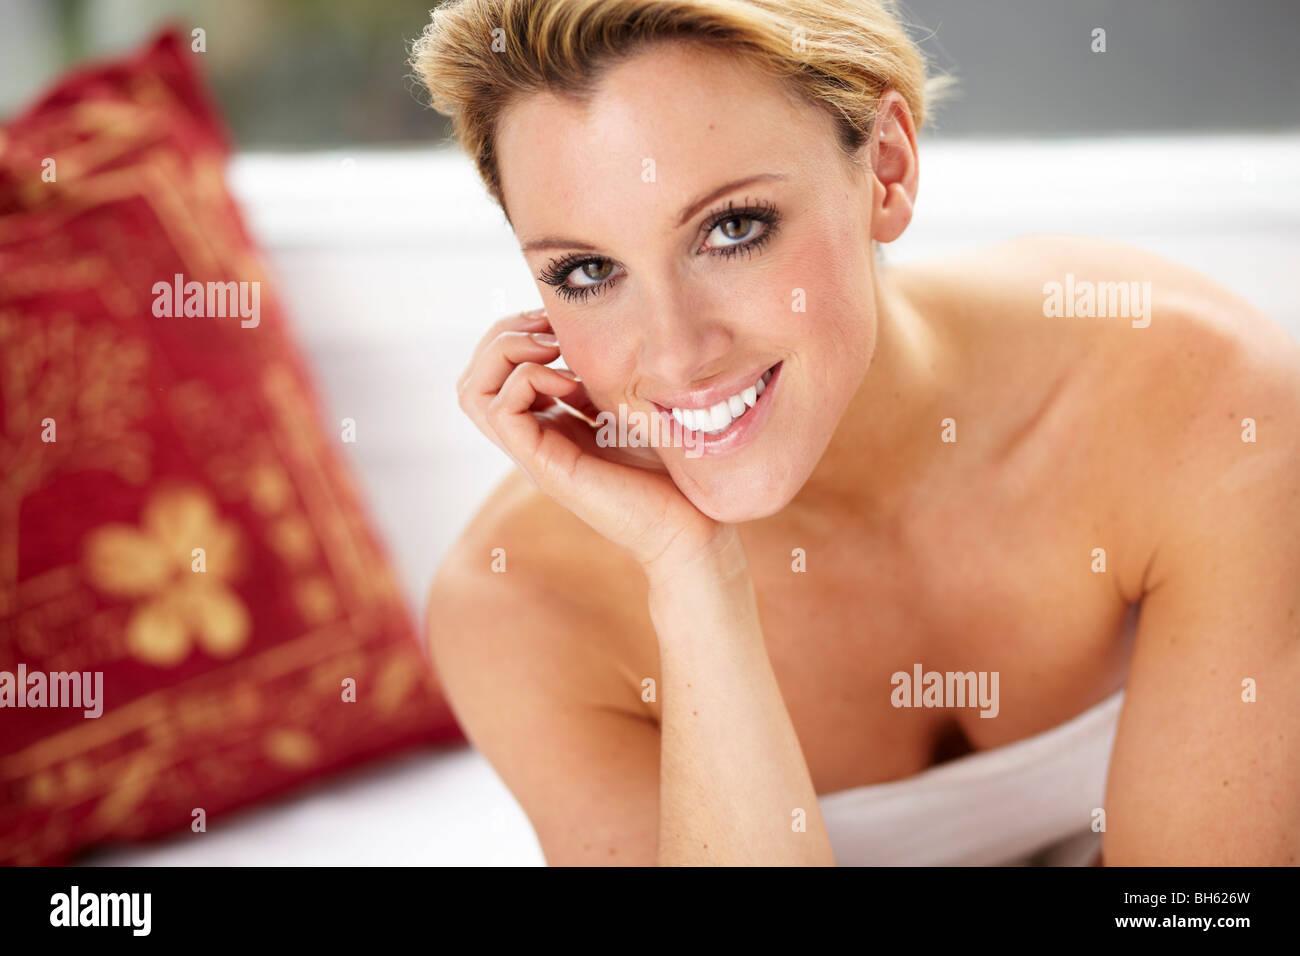 Porträt von attraktive blonde Frau Stockbild